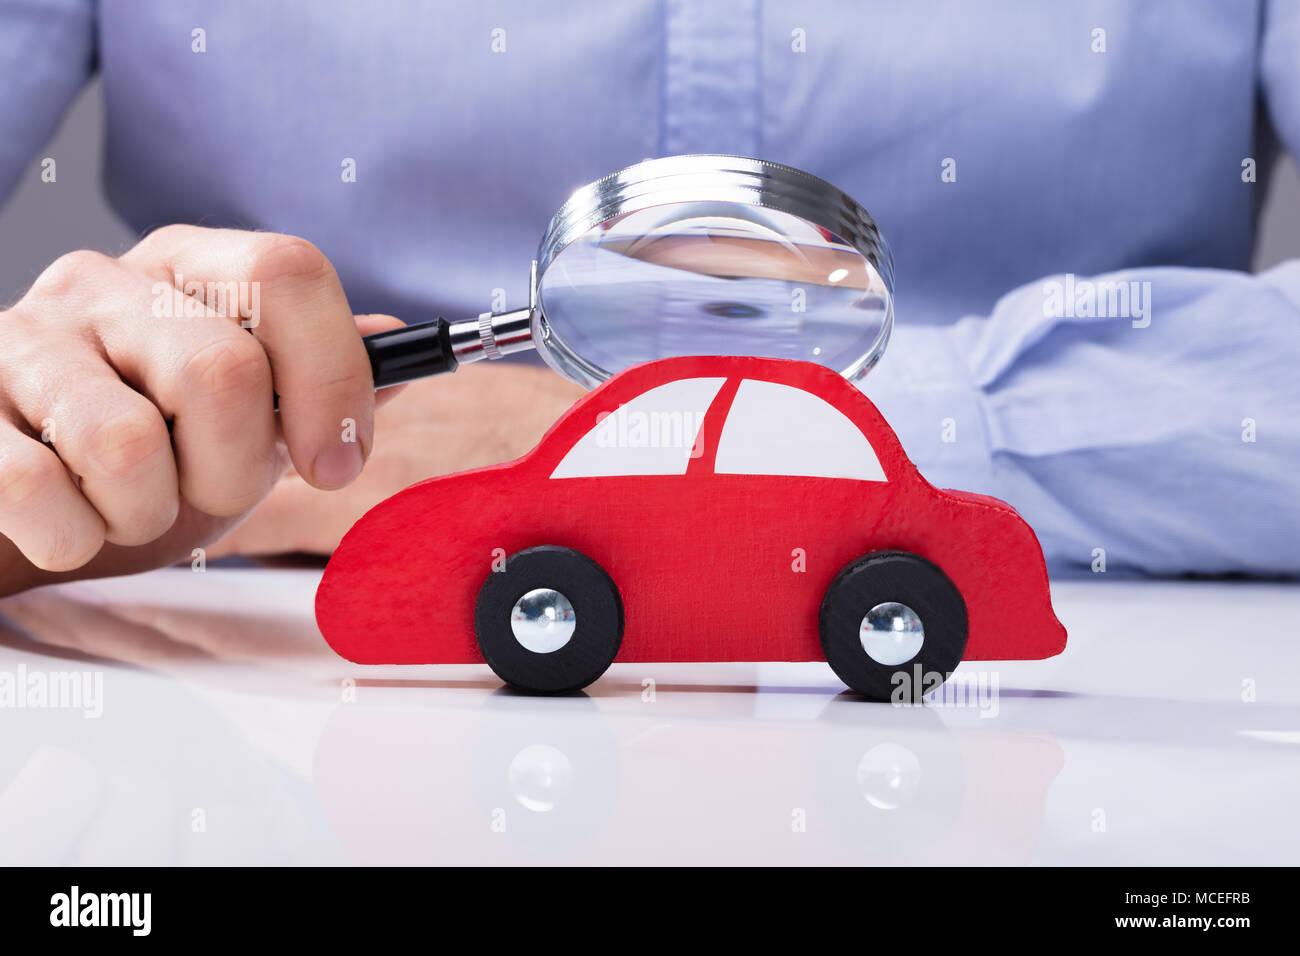 Close-up di mano di una persona in cerca di auto rossa attraverso la lente di ingrandimento Immagini Stock